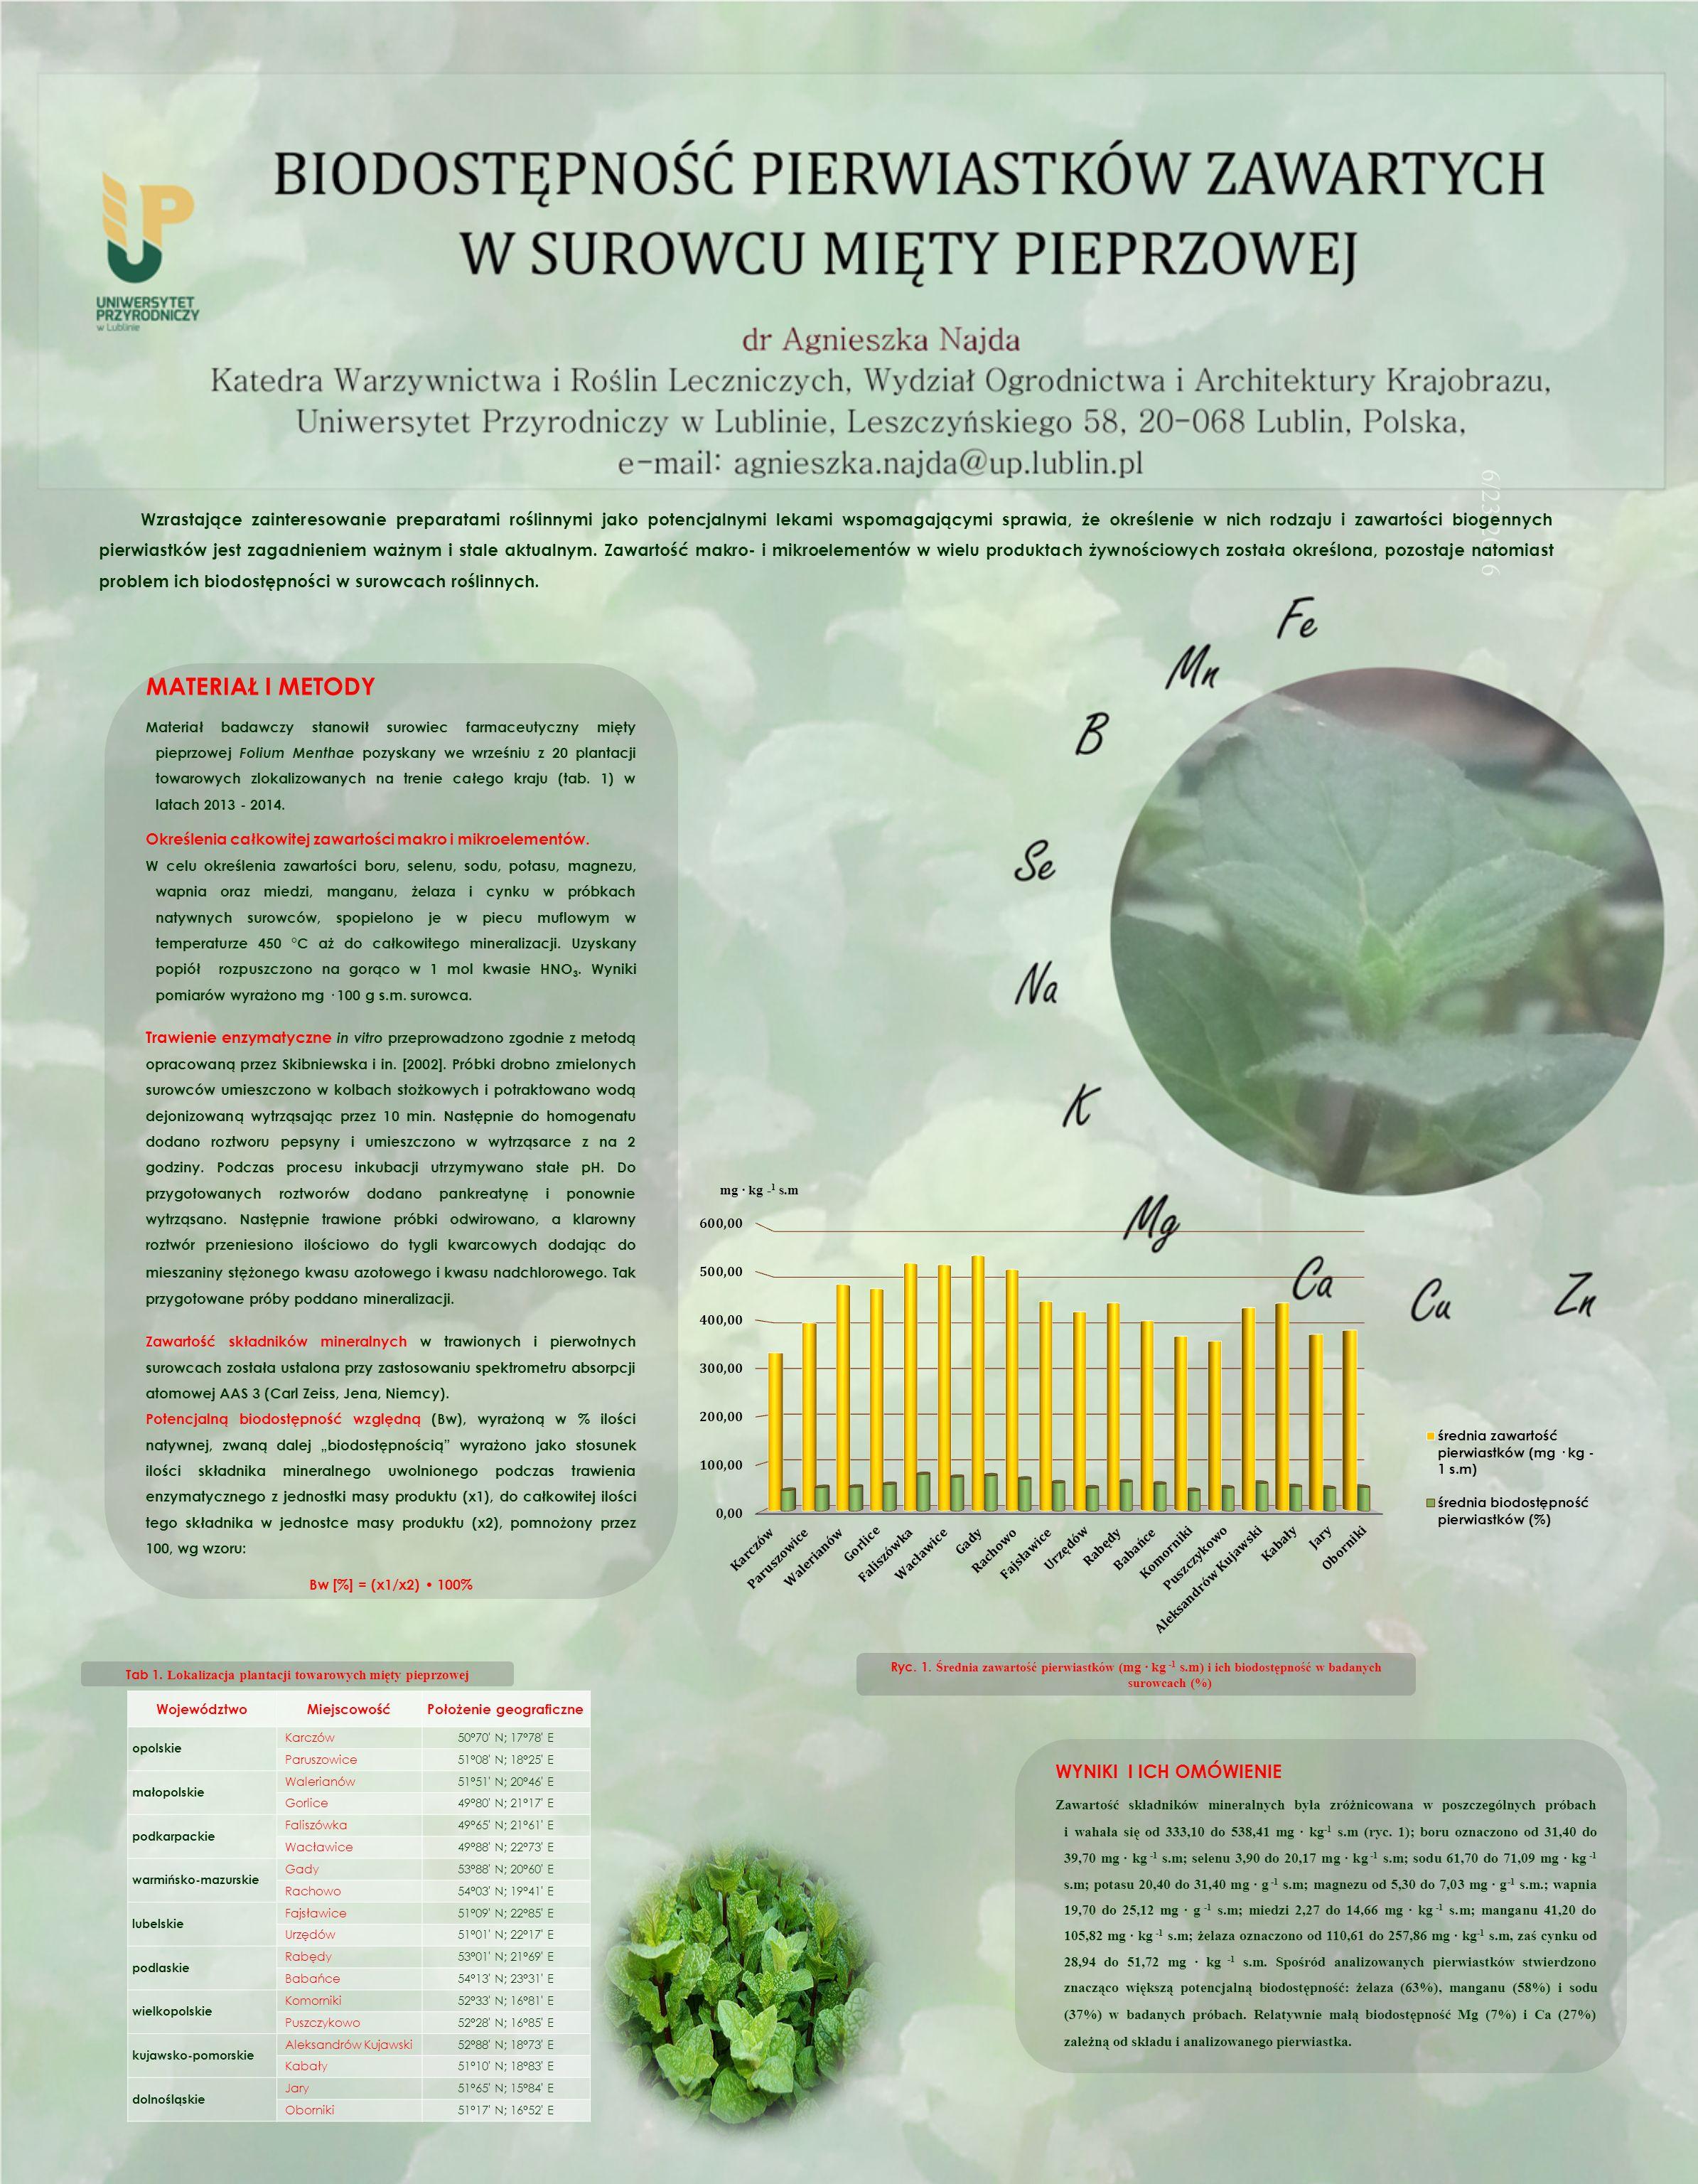 6/23/2016 Wzrastające zainteresowanie preparatami roślinnymi jako potencjalnymi lekami wspomagającymi sprawia, że określenie w nich rodzaju i zawartoś